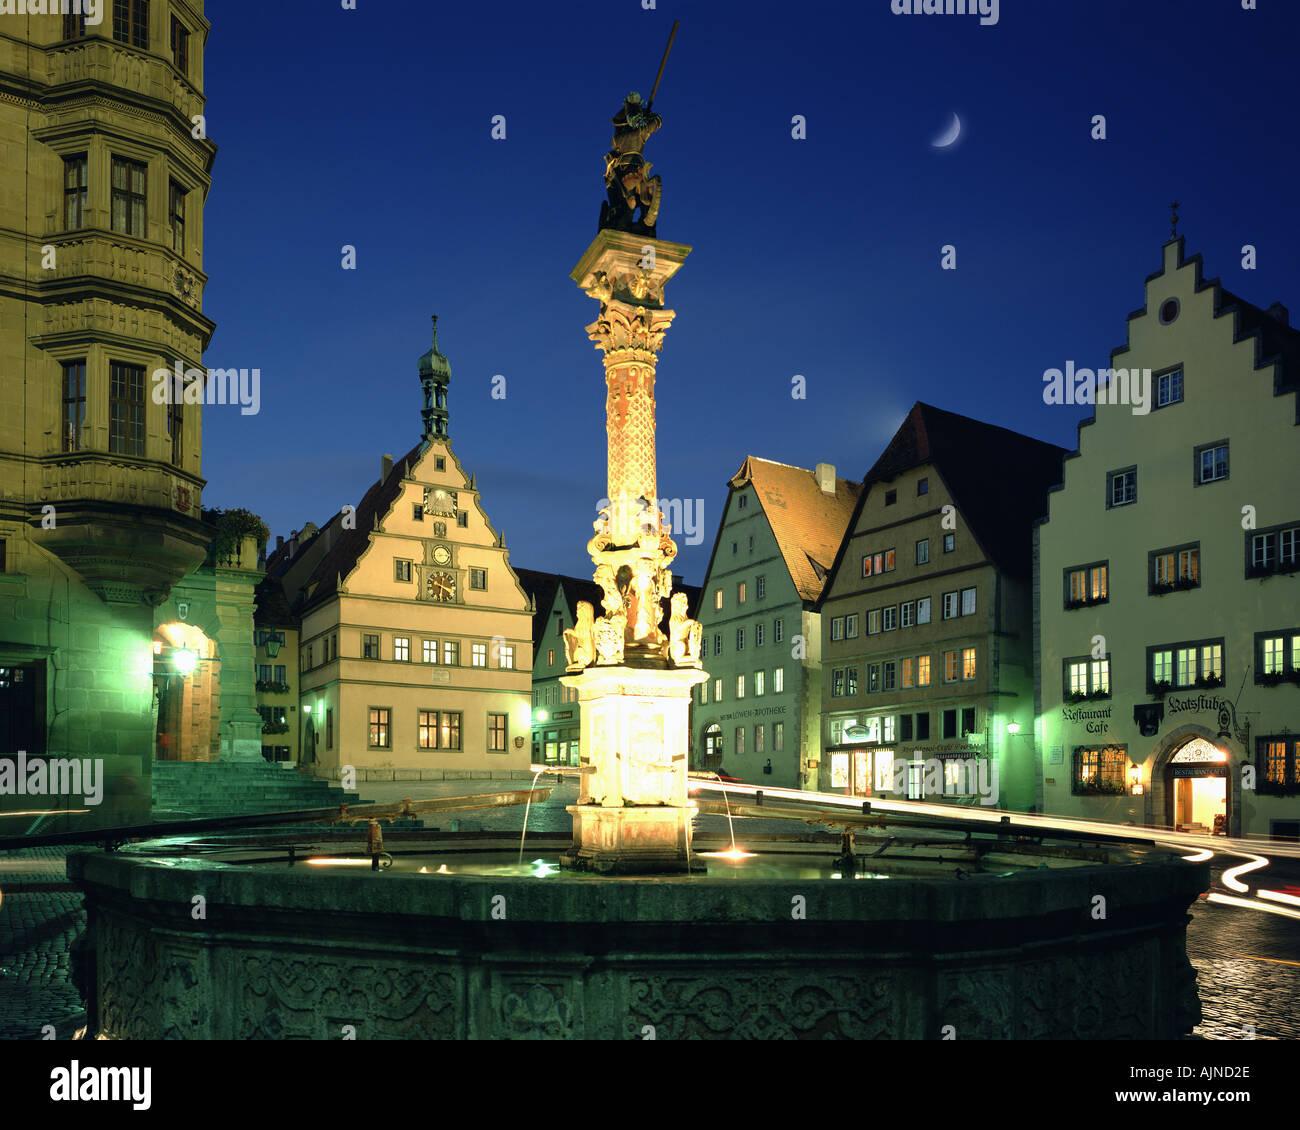 DE - Bayern: Der Marktplatz in Rothenburg Ob der Tauber Stockbild